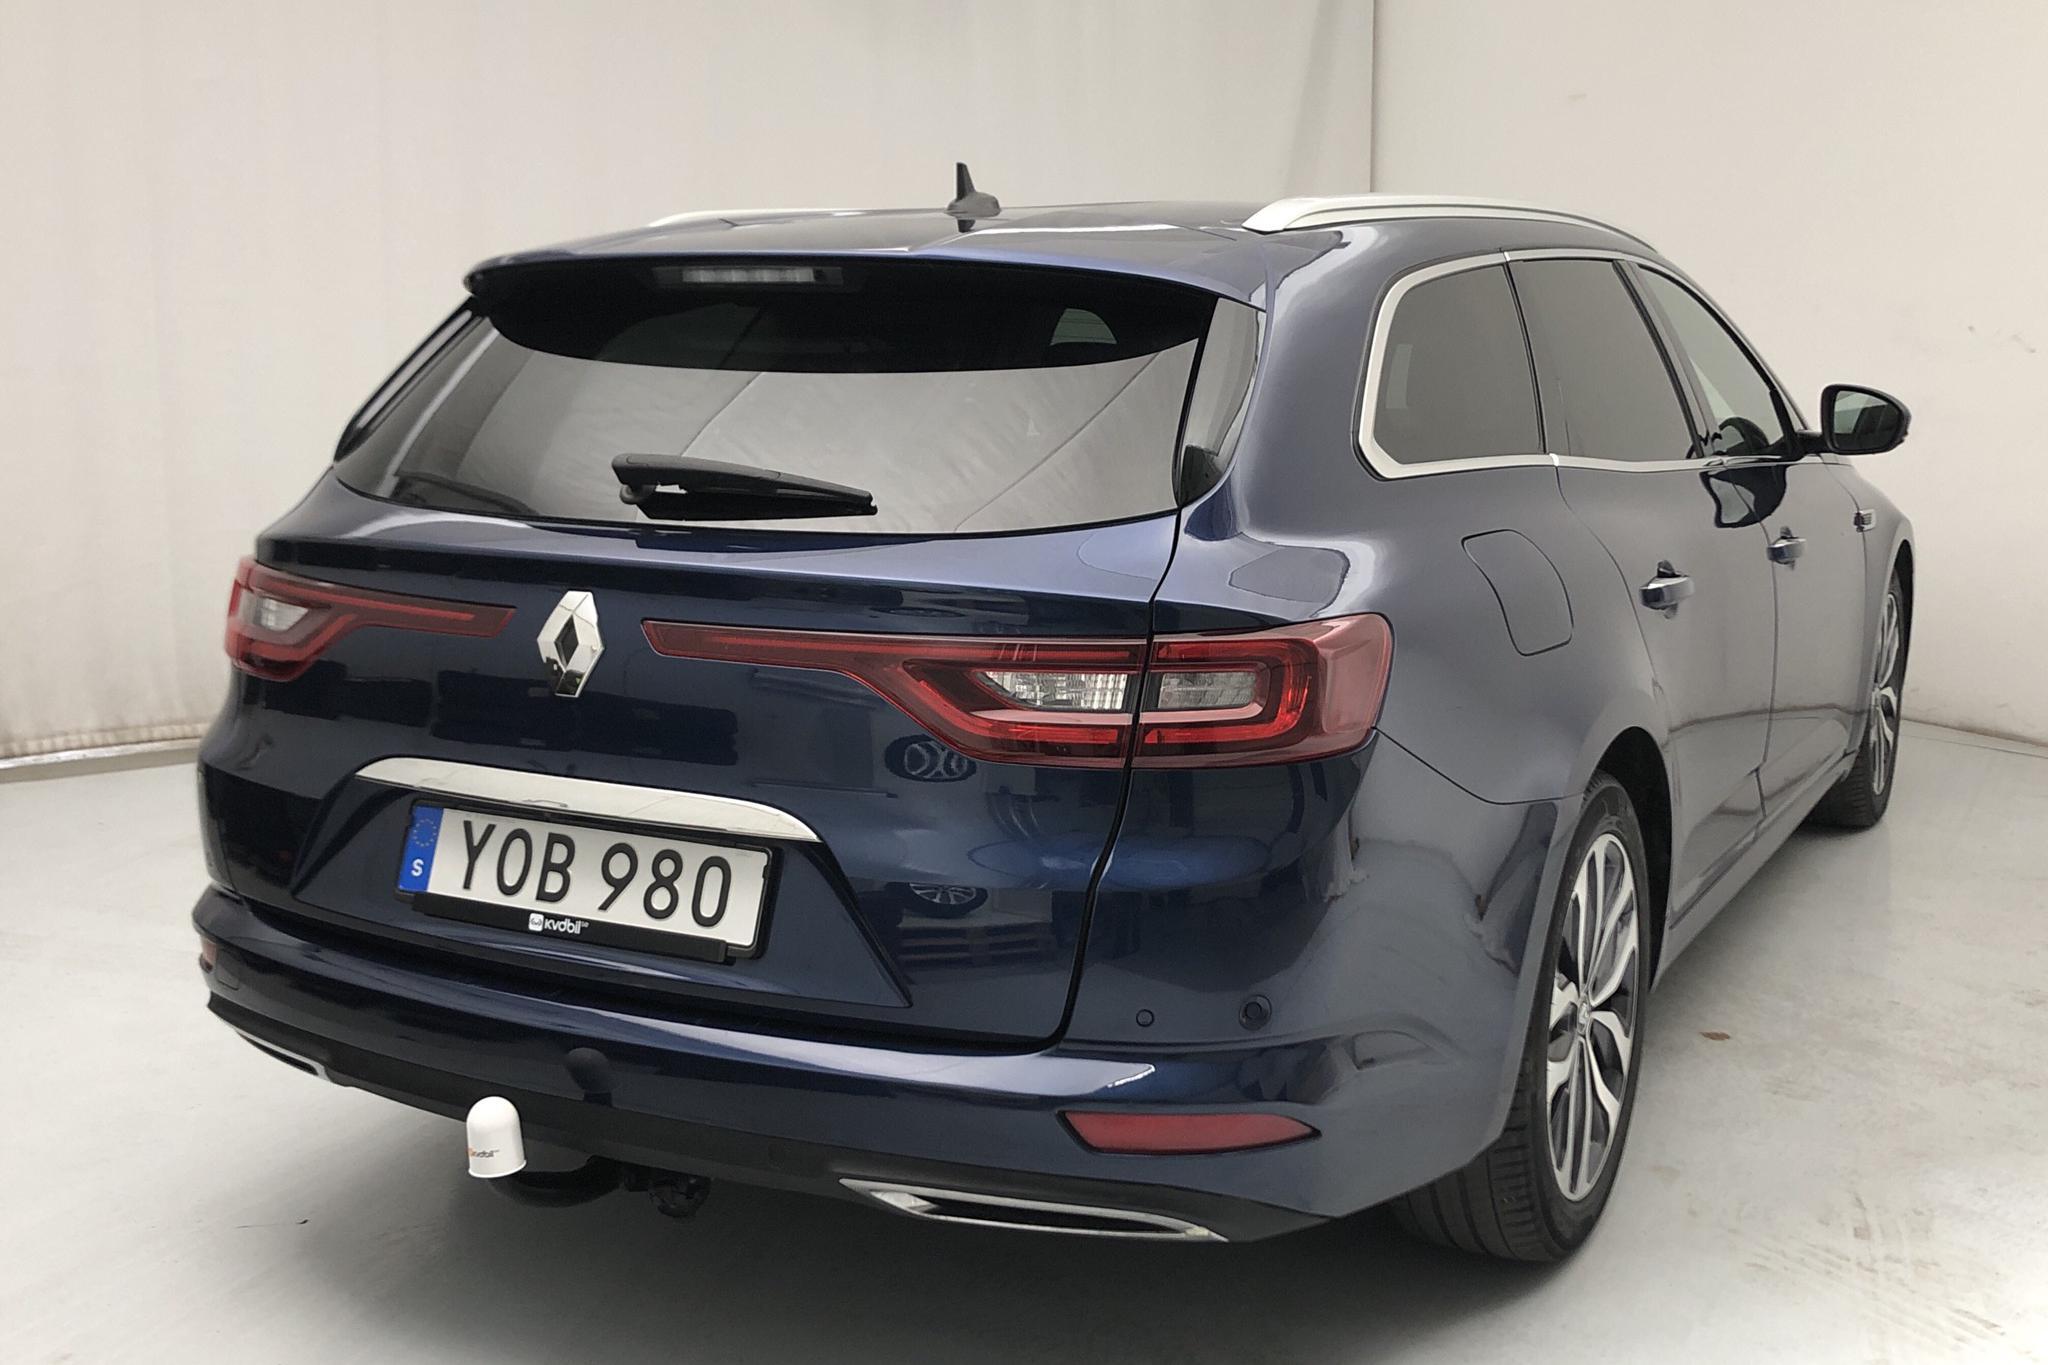 Renault Talisman 1.6 dCi Kombi (160hk) - 15 007 mil - Automat - blå - 2017